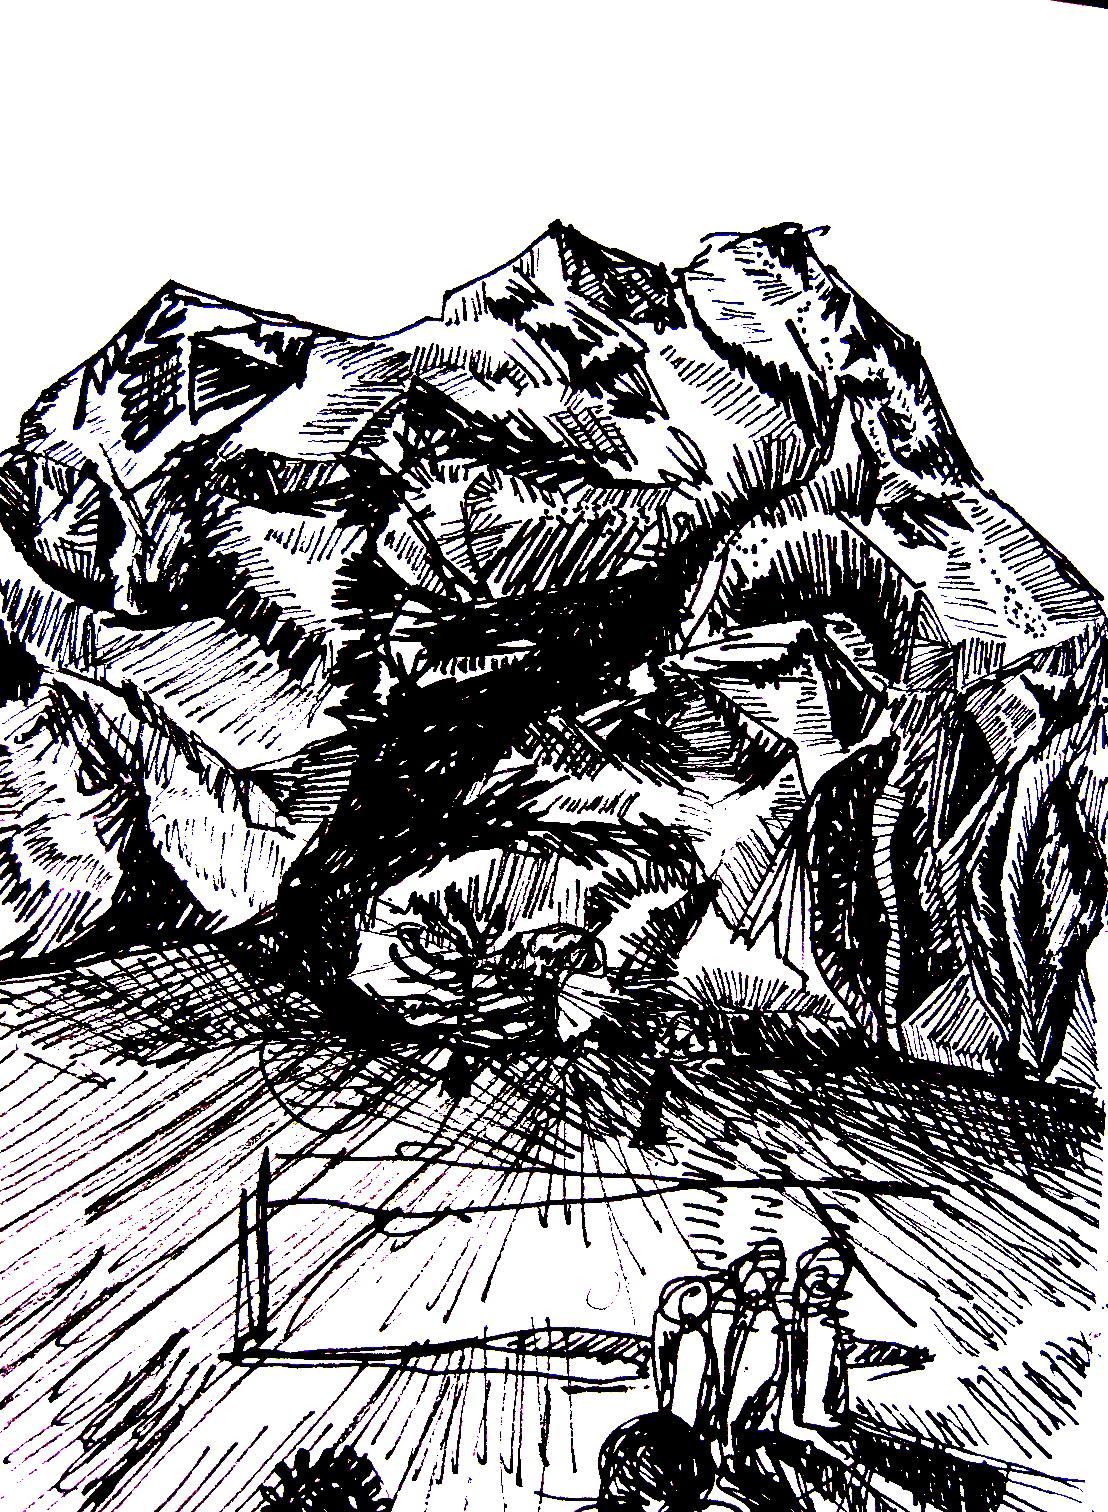 in_front_of_rocks.jpg